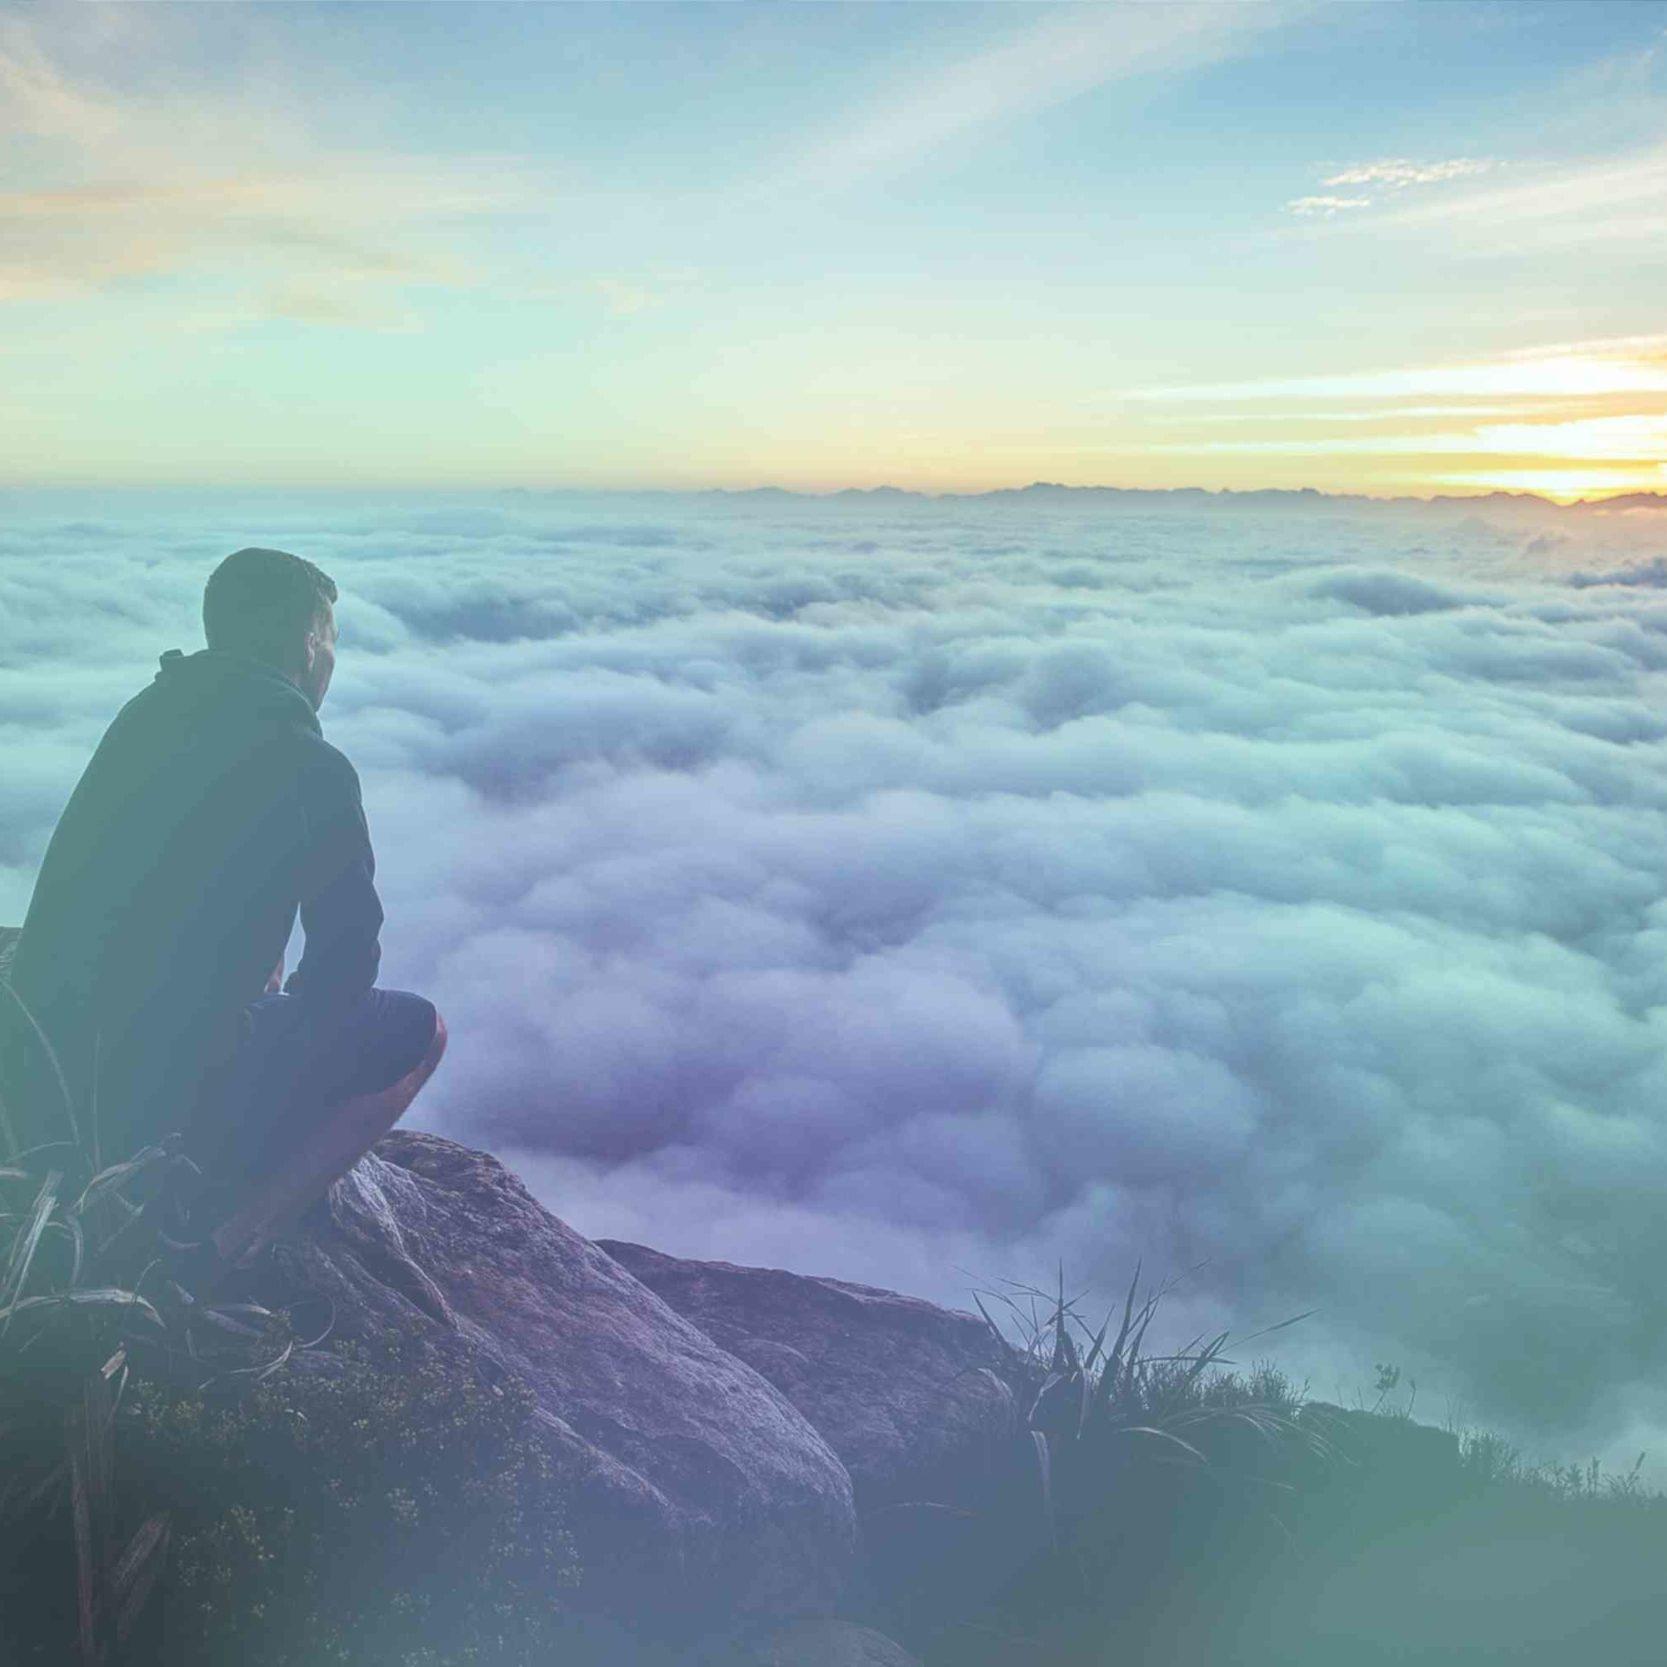 Man auf grauem Felsen blickt auf Wolken unter sich im Sonnenaufgang